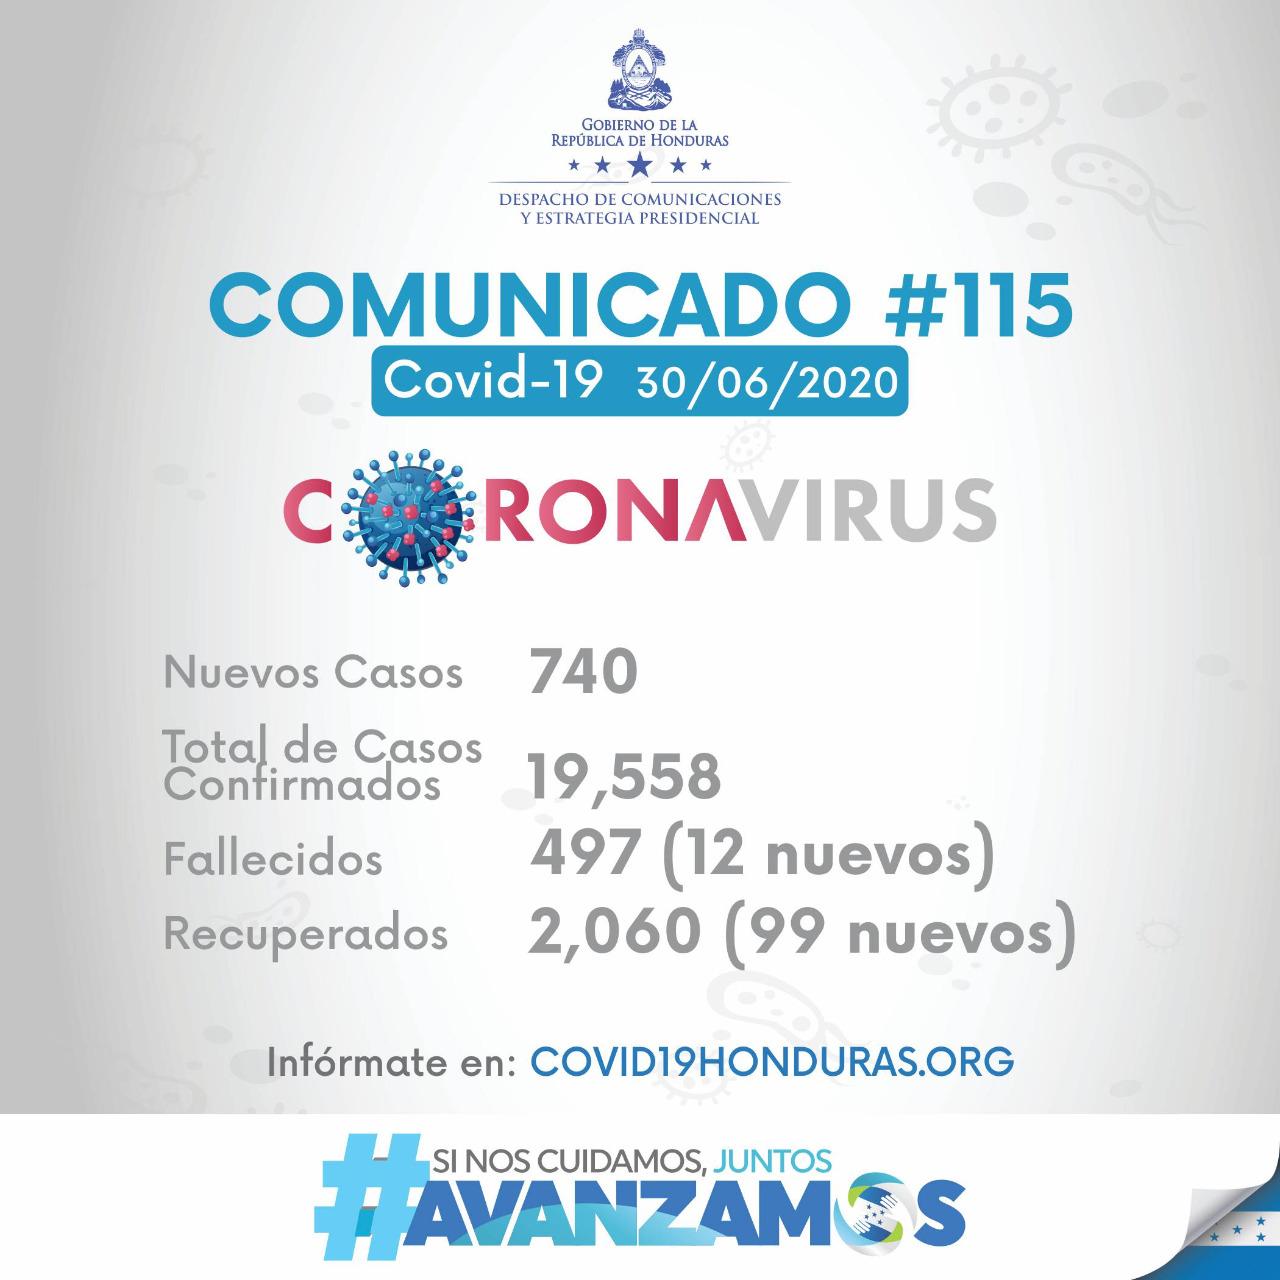 Asciende a 497 el número de muertes por covid-19 en Honduras